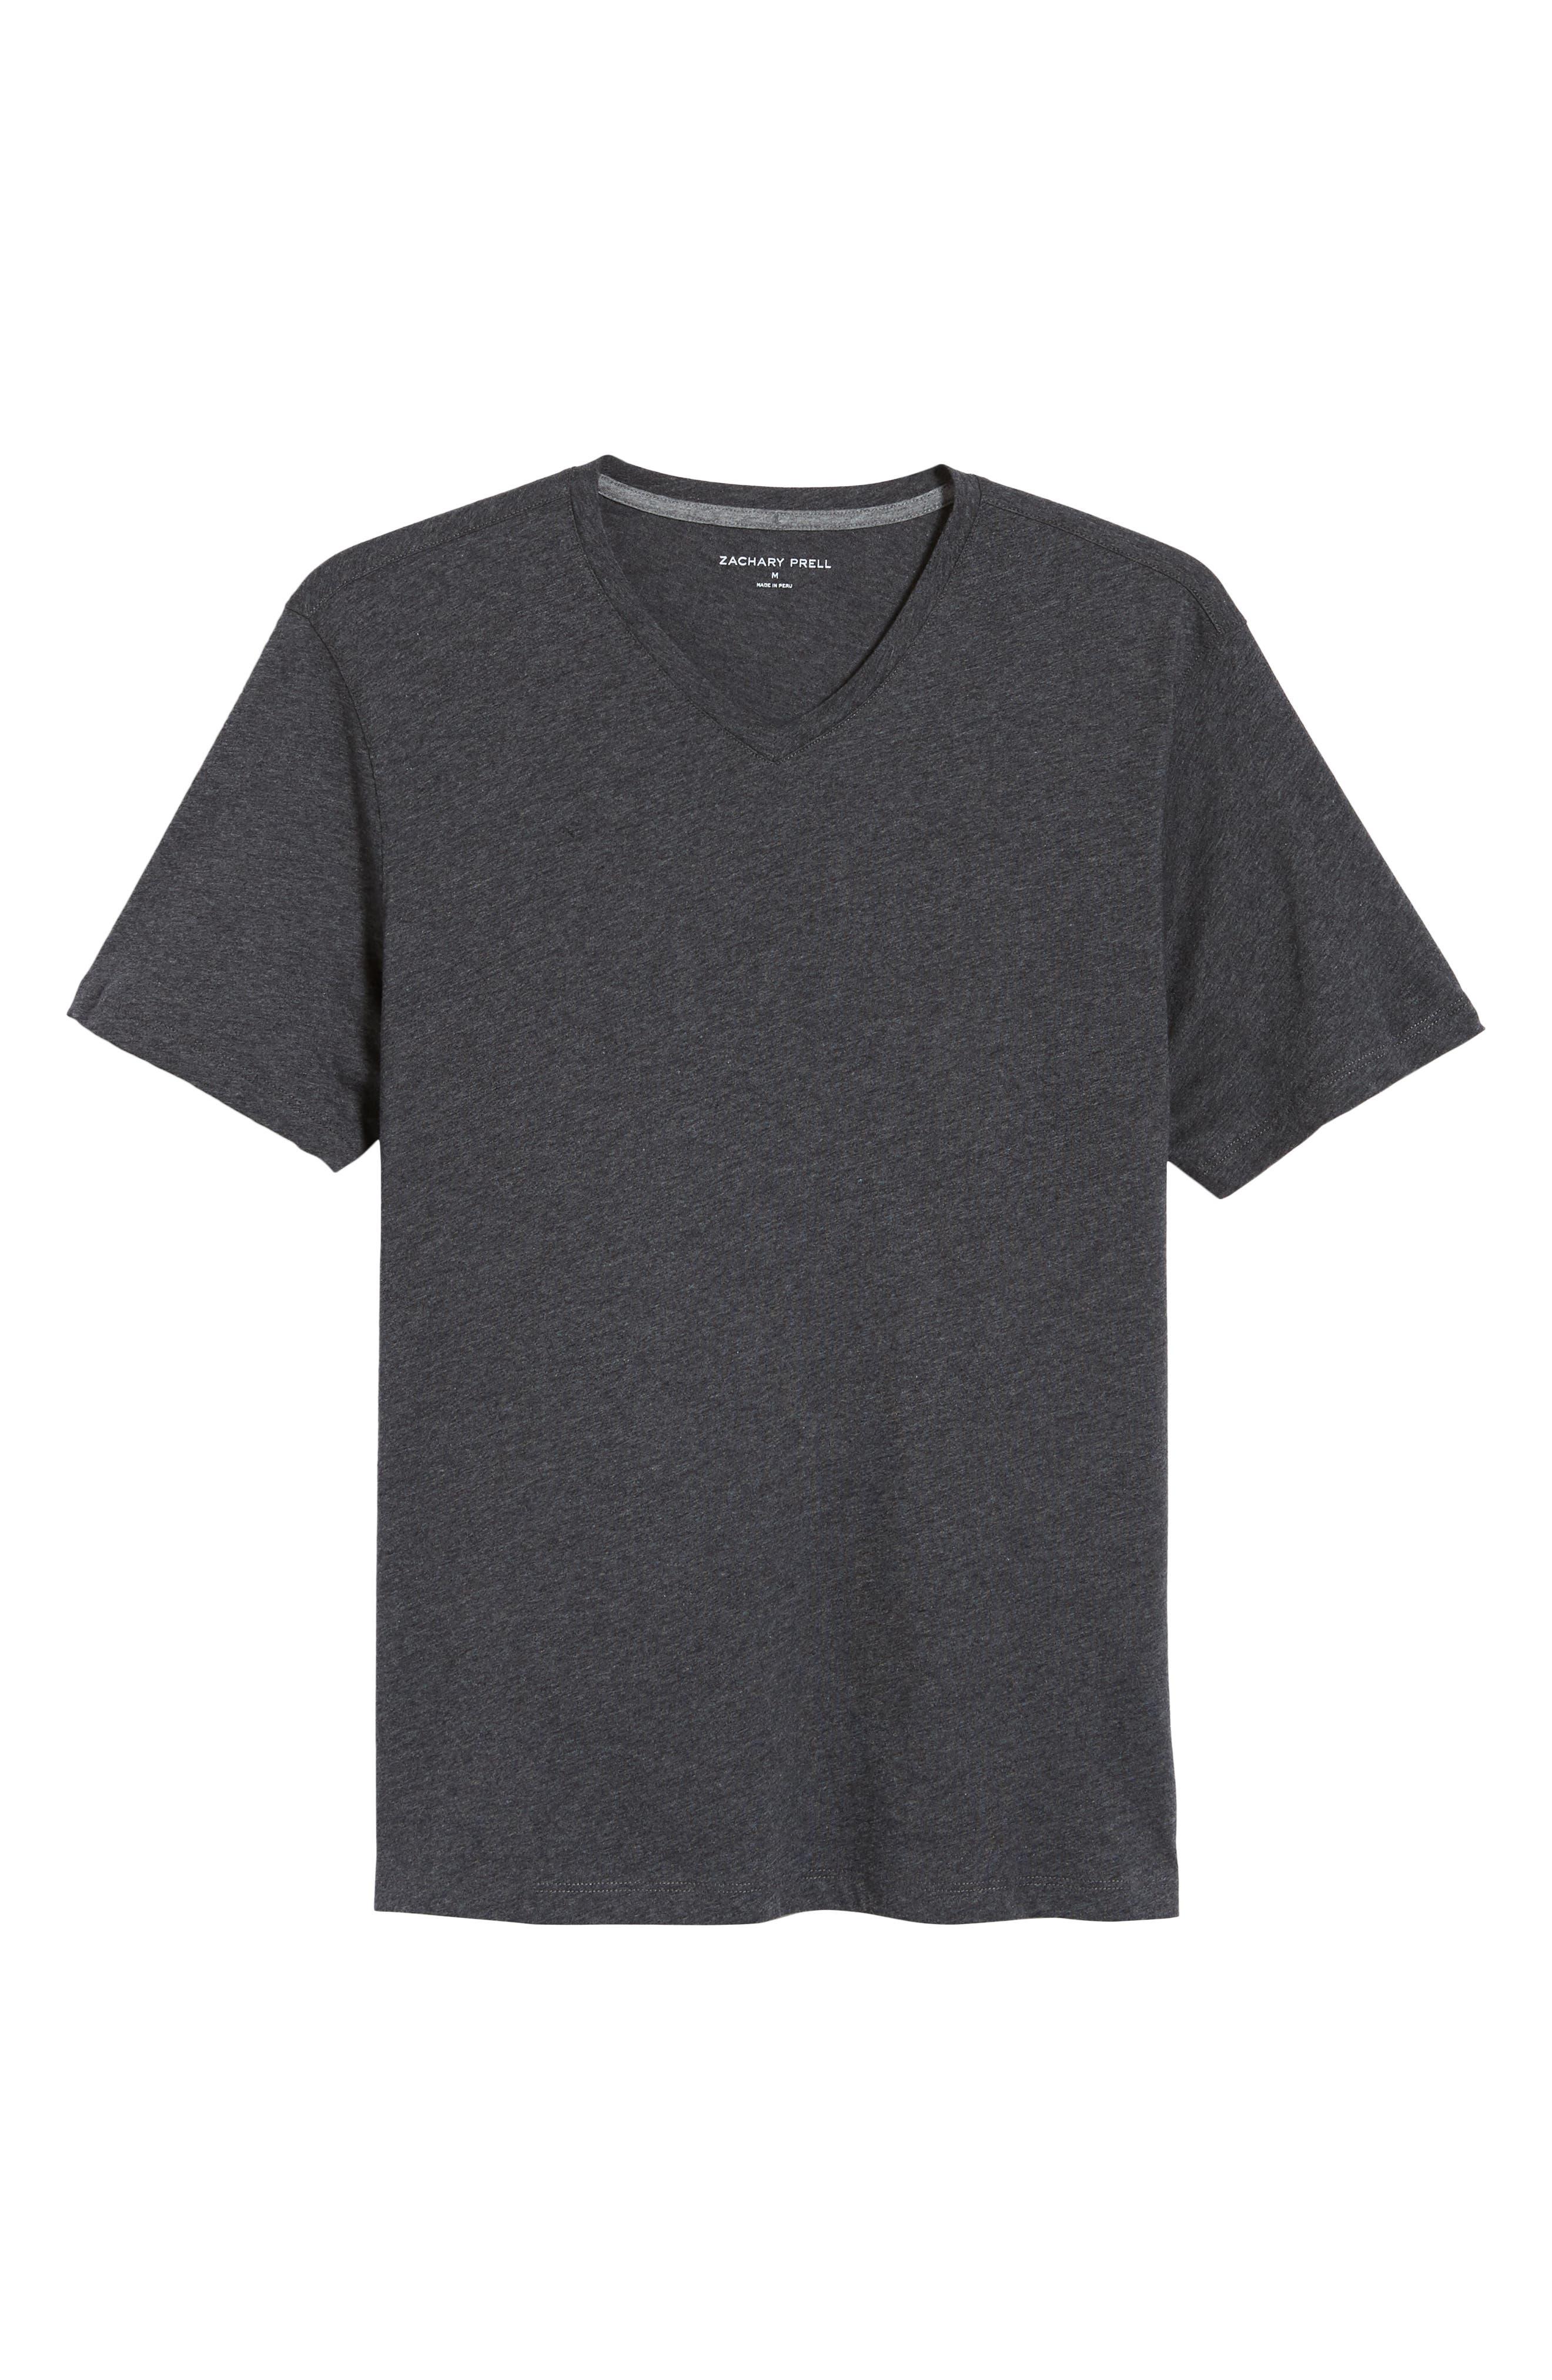 Mercer V-Neck T-Shirt,                             Alternate thumbnail 6, color,                             DARK HEATHER CHARCOAL